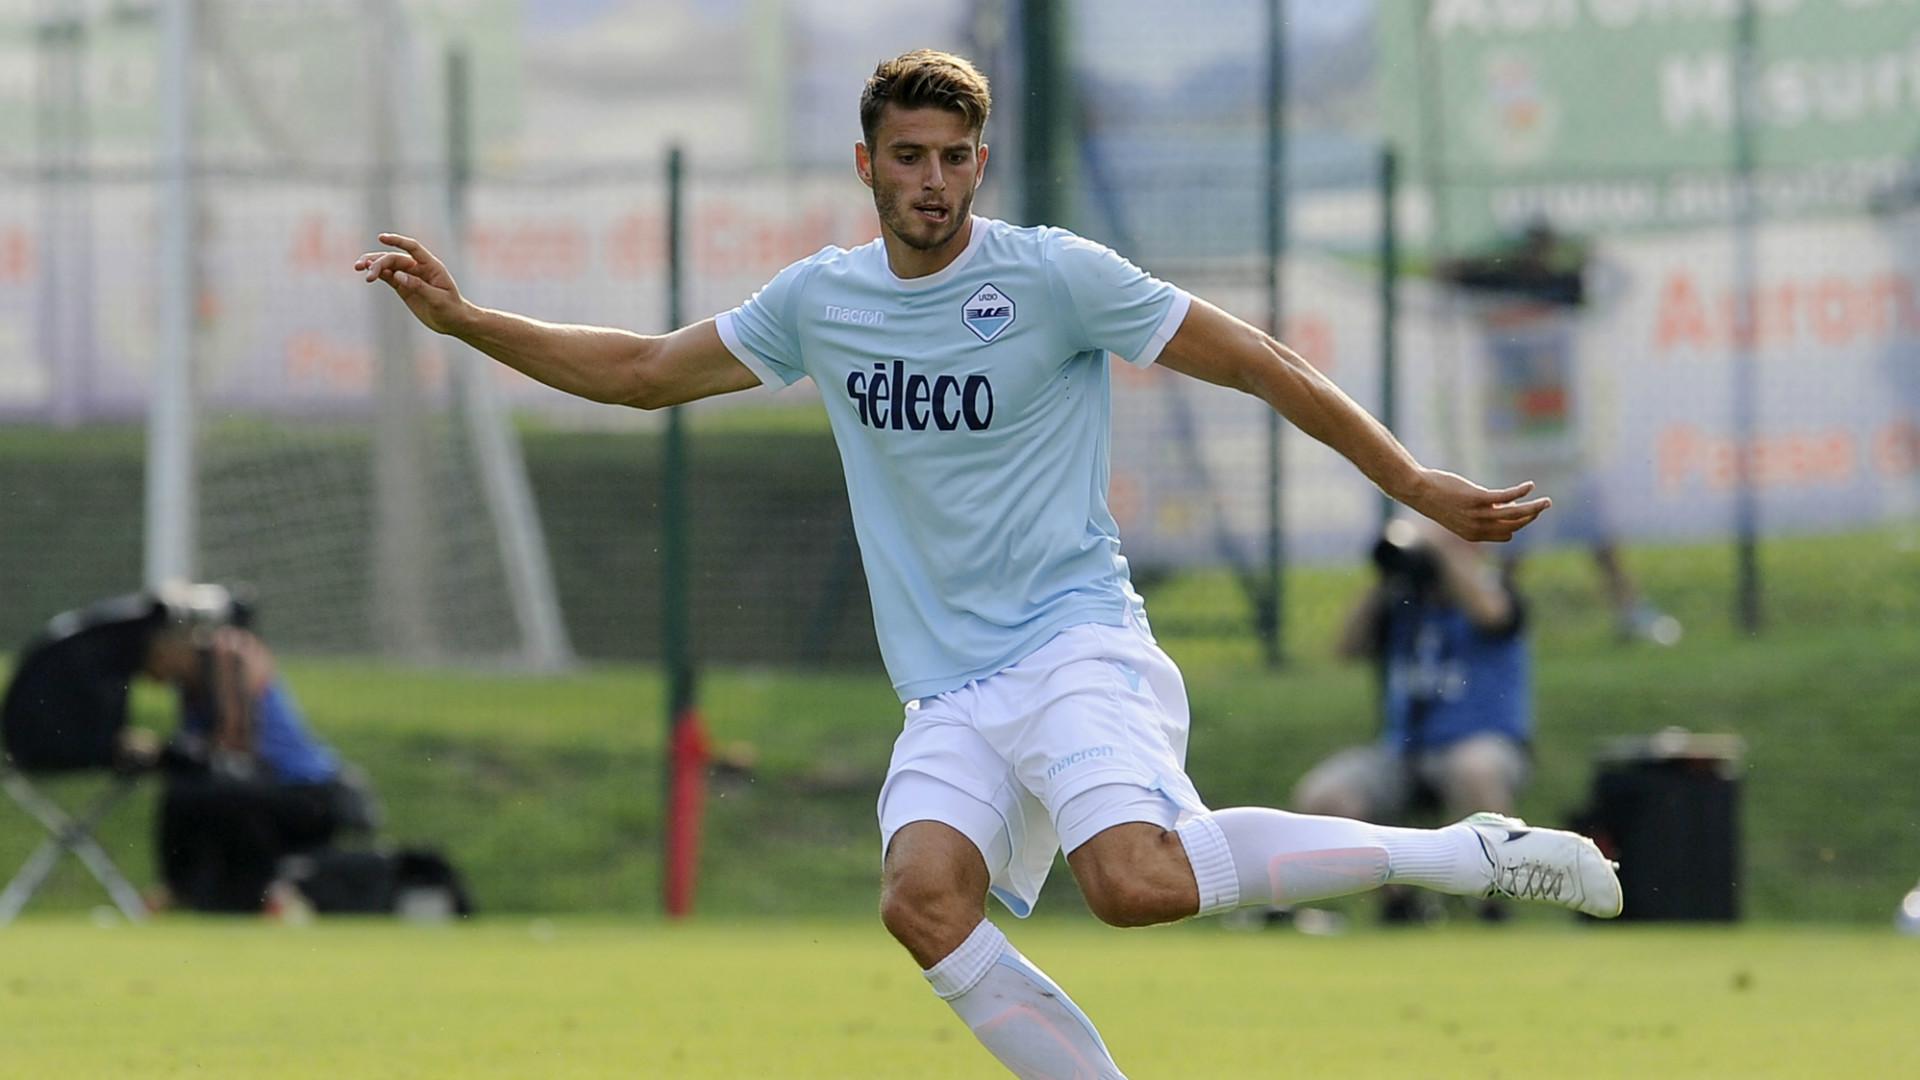 Calciomercato Lazio, il Southampton vuole Hoedt. Lotito pensa alla cessione